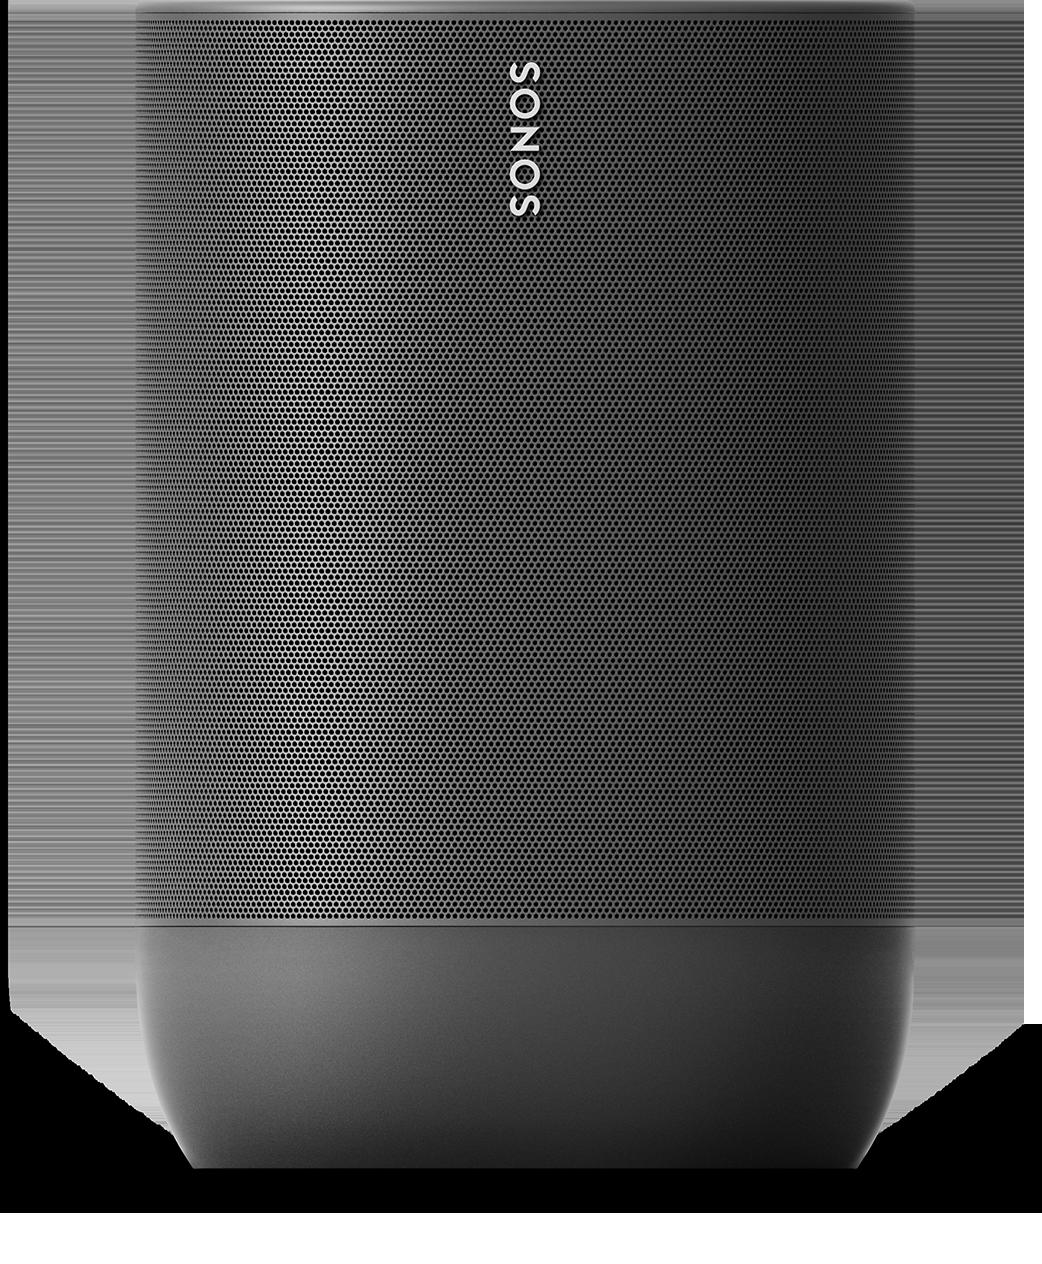 Análisis altavoz Sonos Move